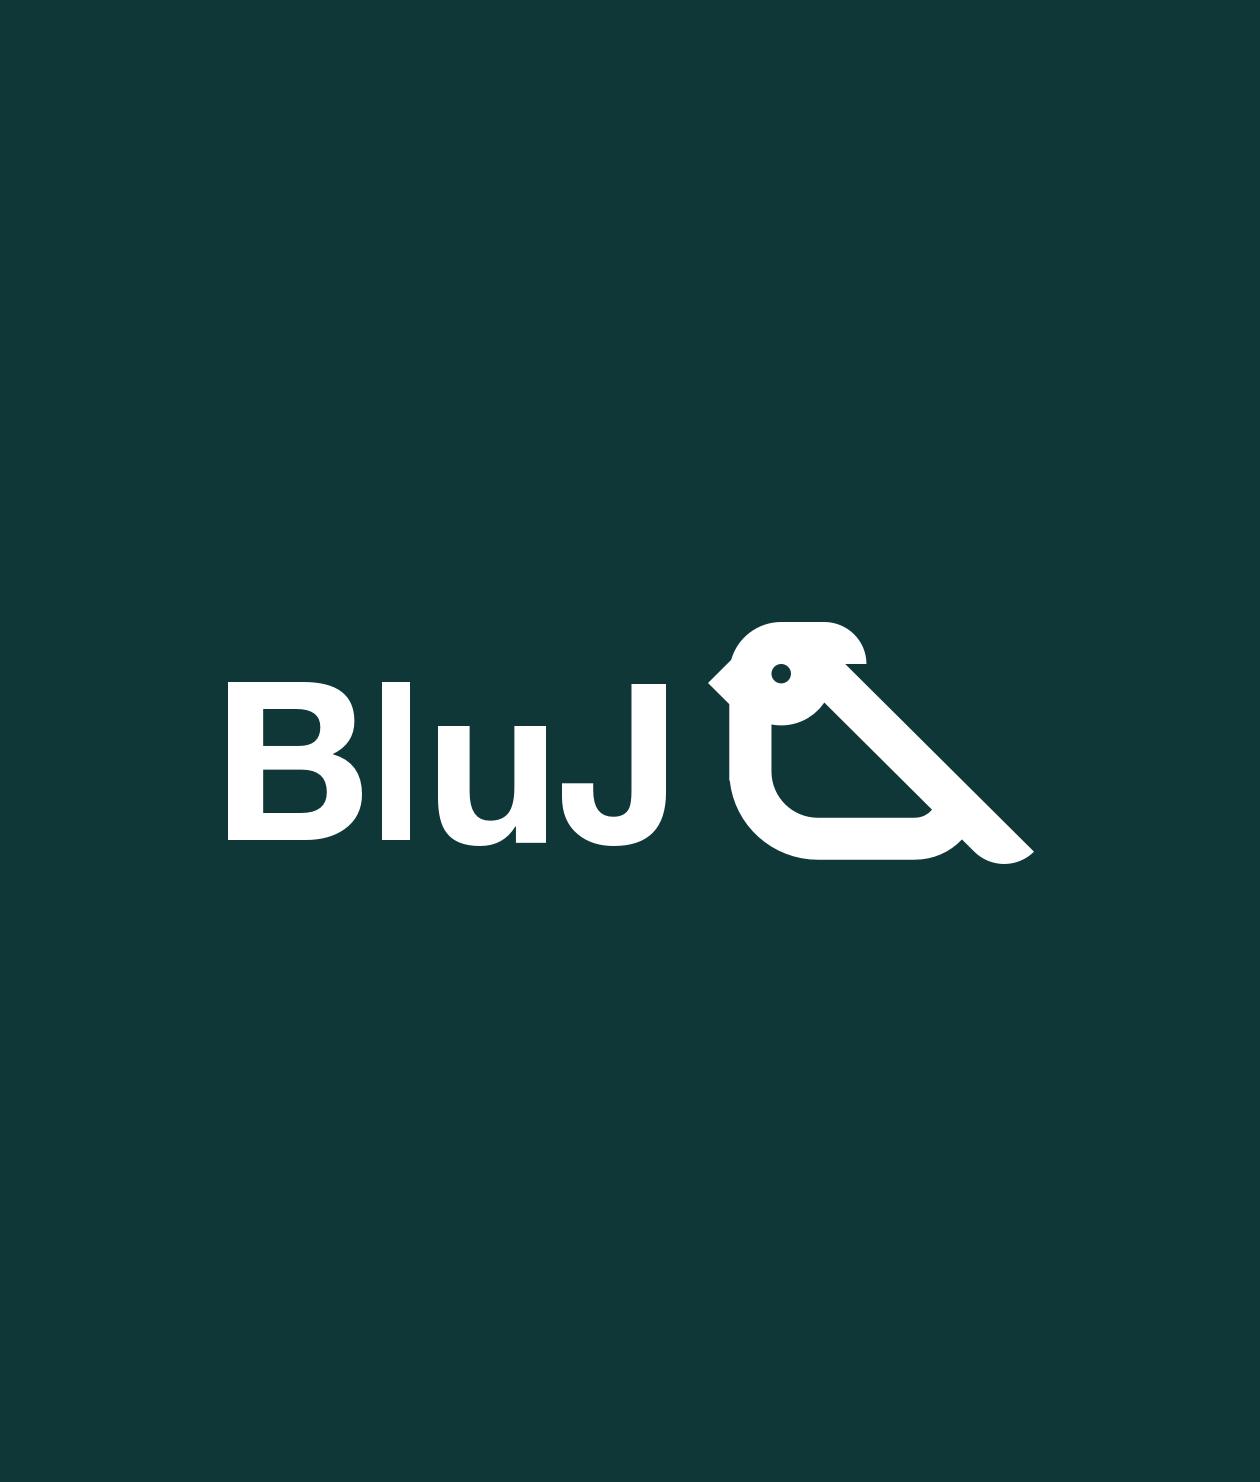 Bluj - Branding